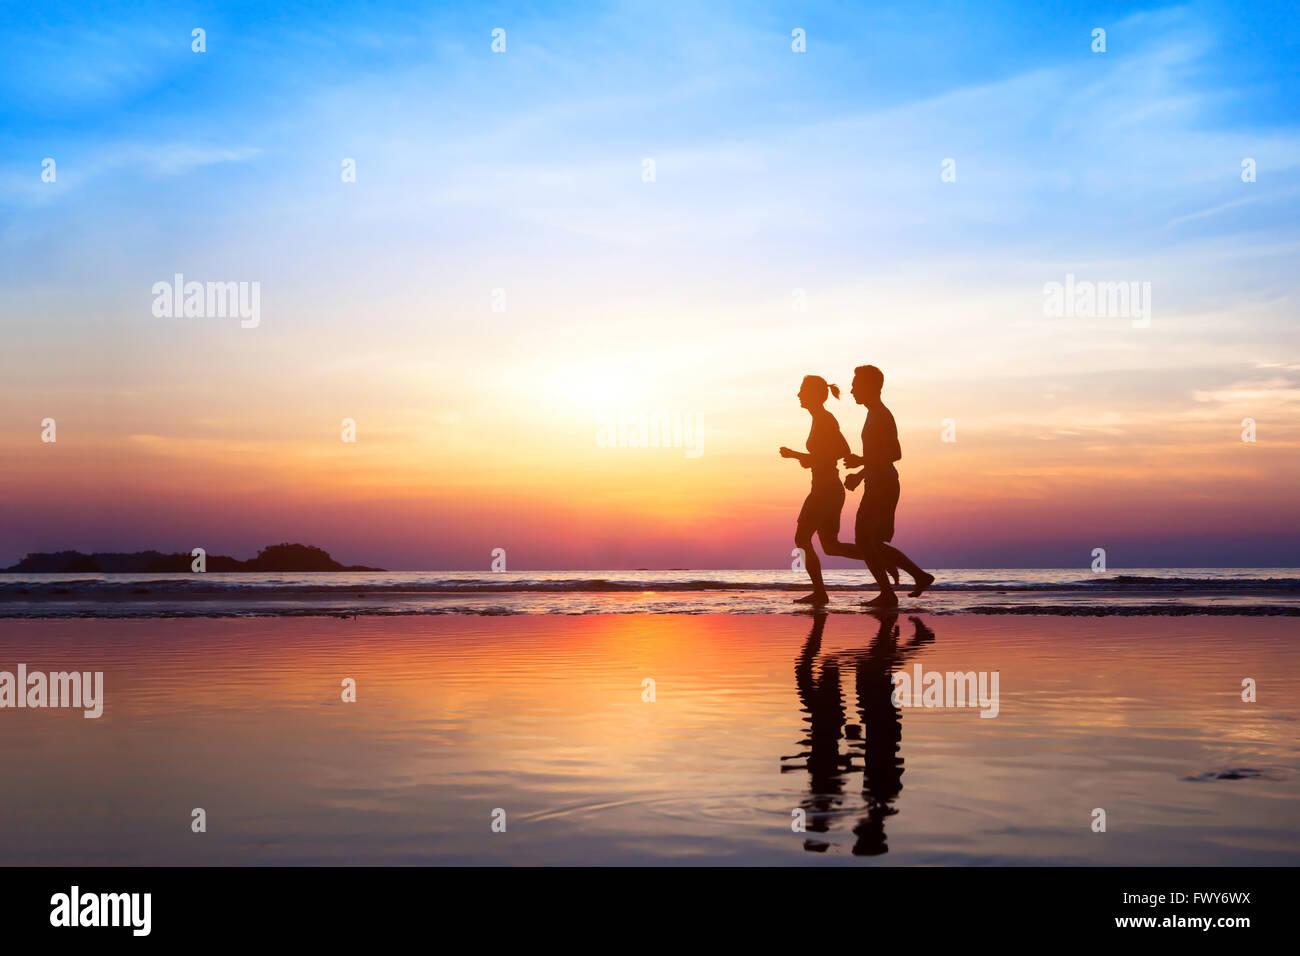 Sfondo di allenamento, due persone jogging sulla spiaggia al tramonto, corridori sagome, uno stile di vita sano Immagini Stock